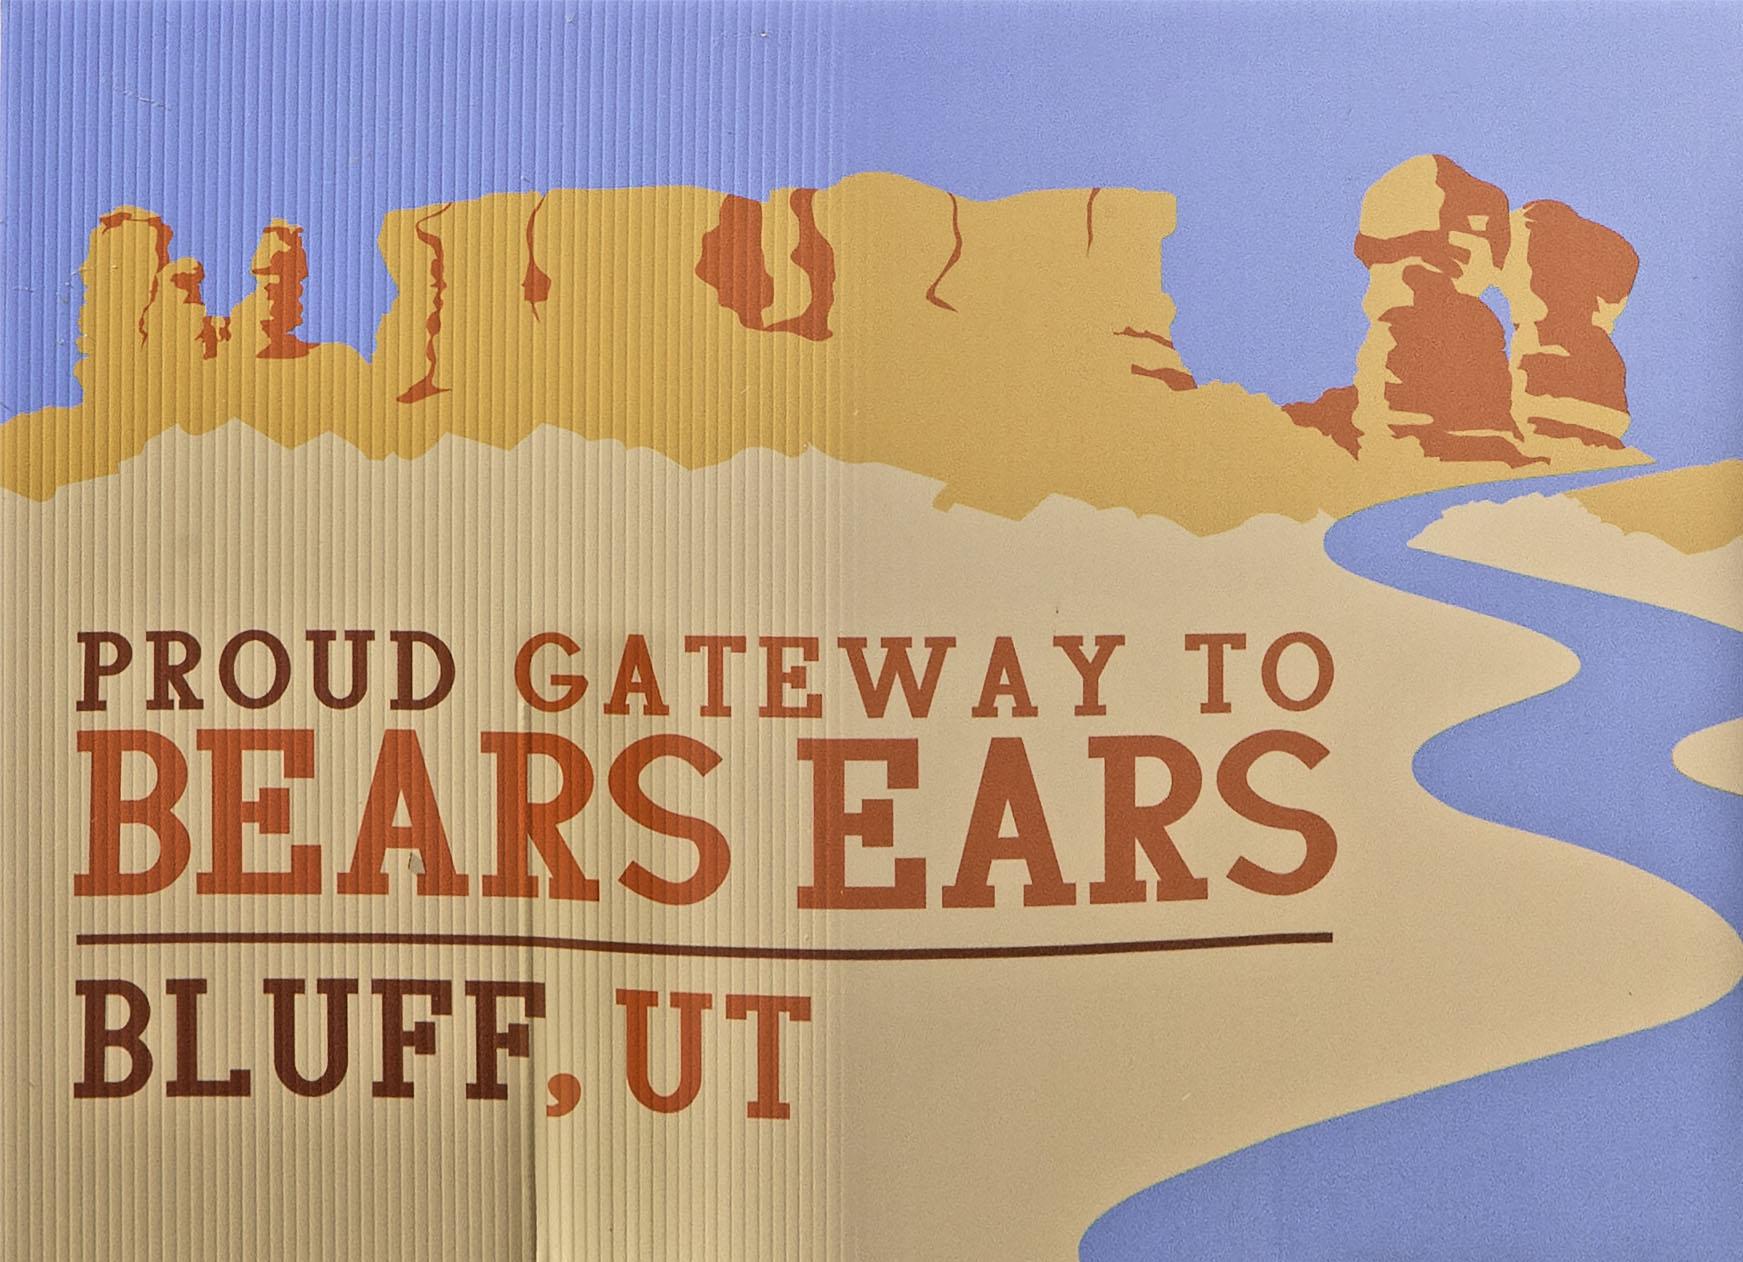 Bluff, UT  Gateway to Bears Ears